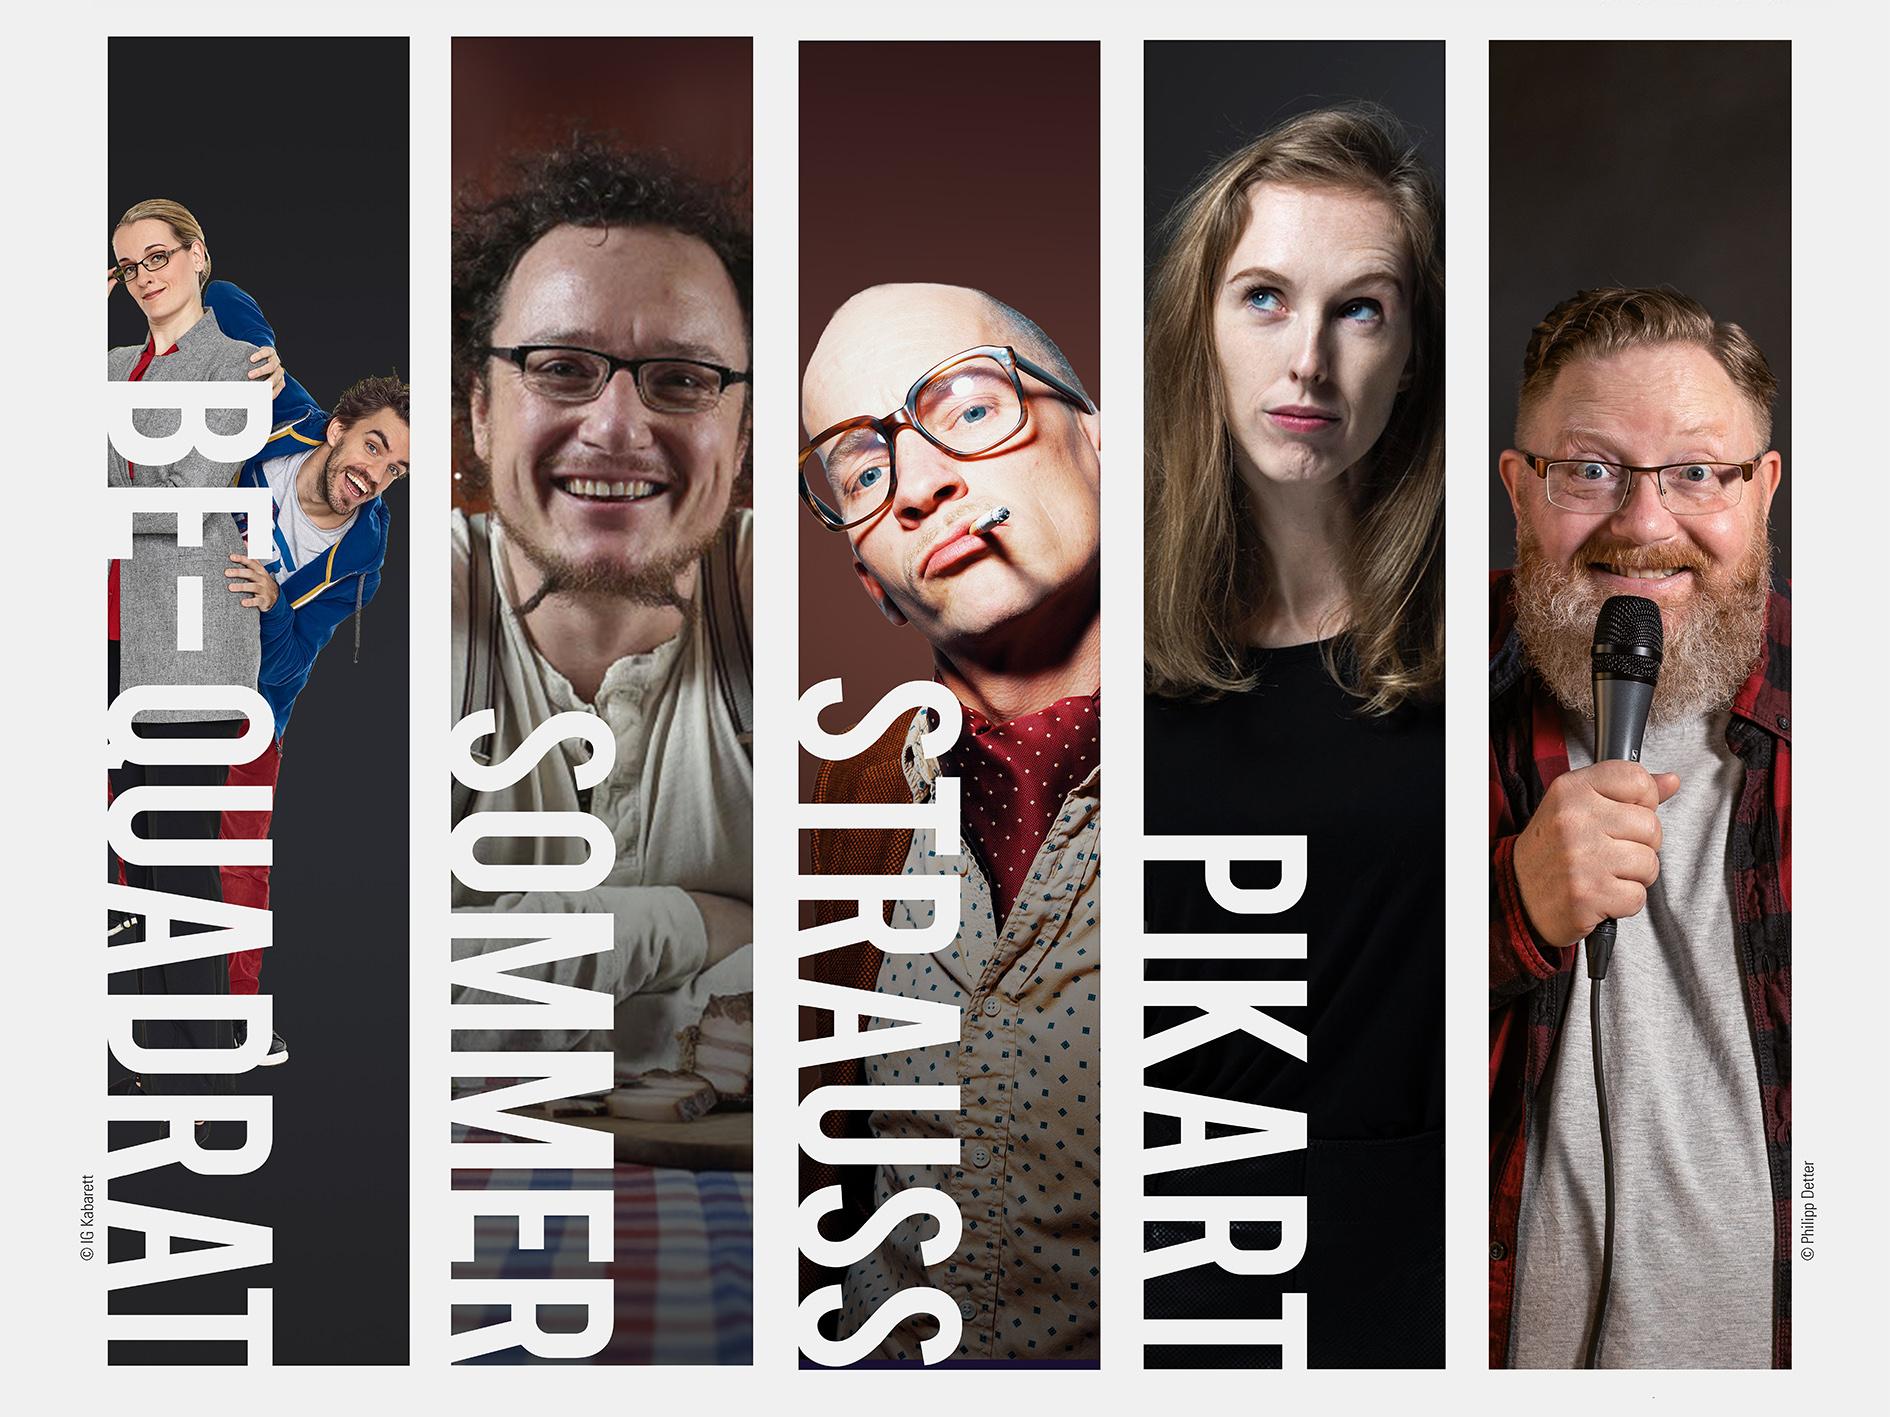 Mixed-Show im Stadtkino Ternitz als Trampolin für den heimischen Kabarett-Nachwuchs